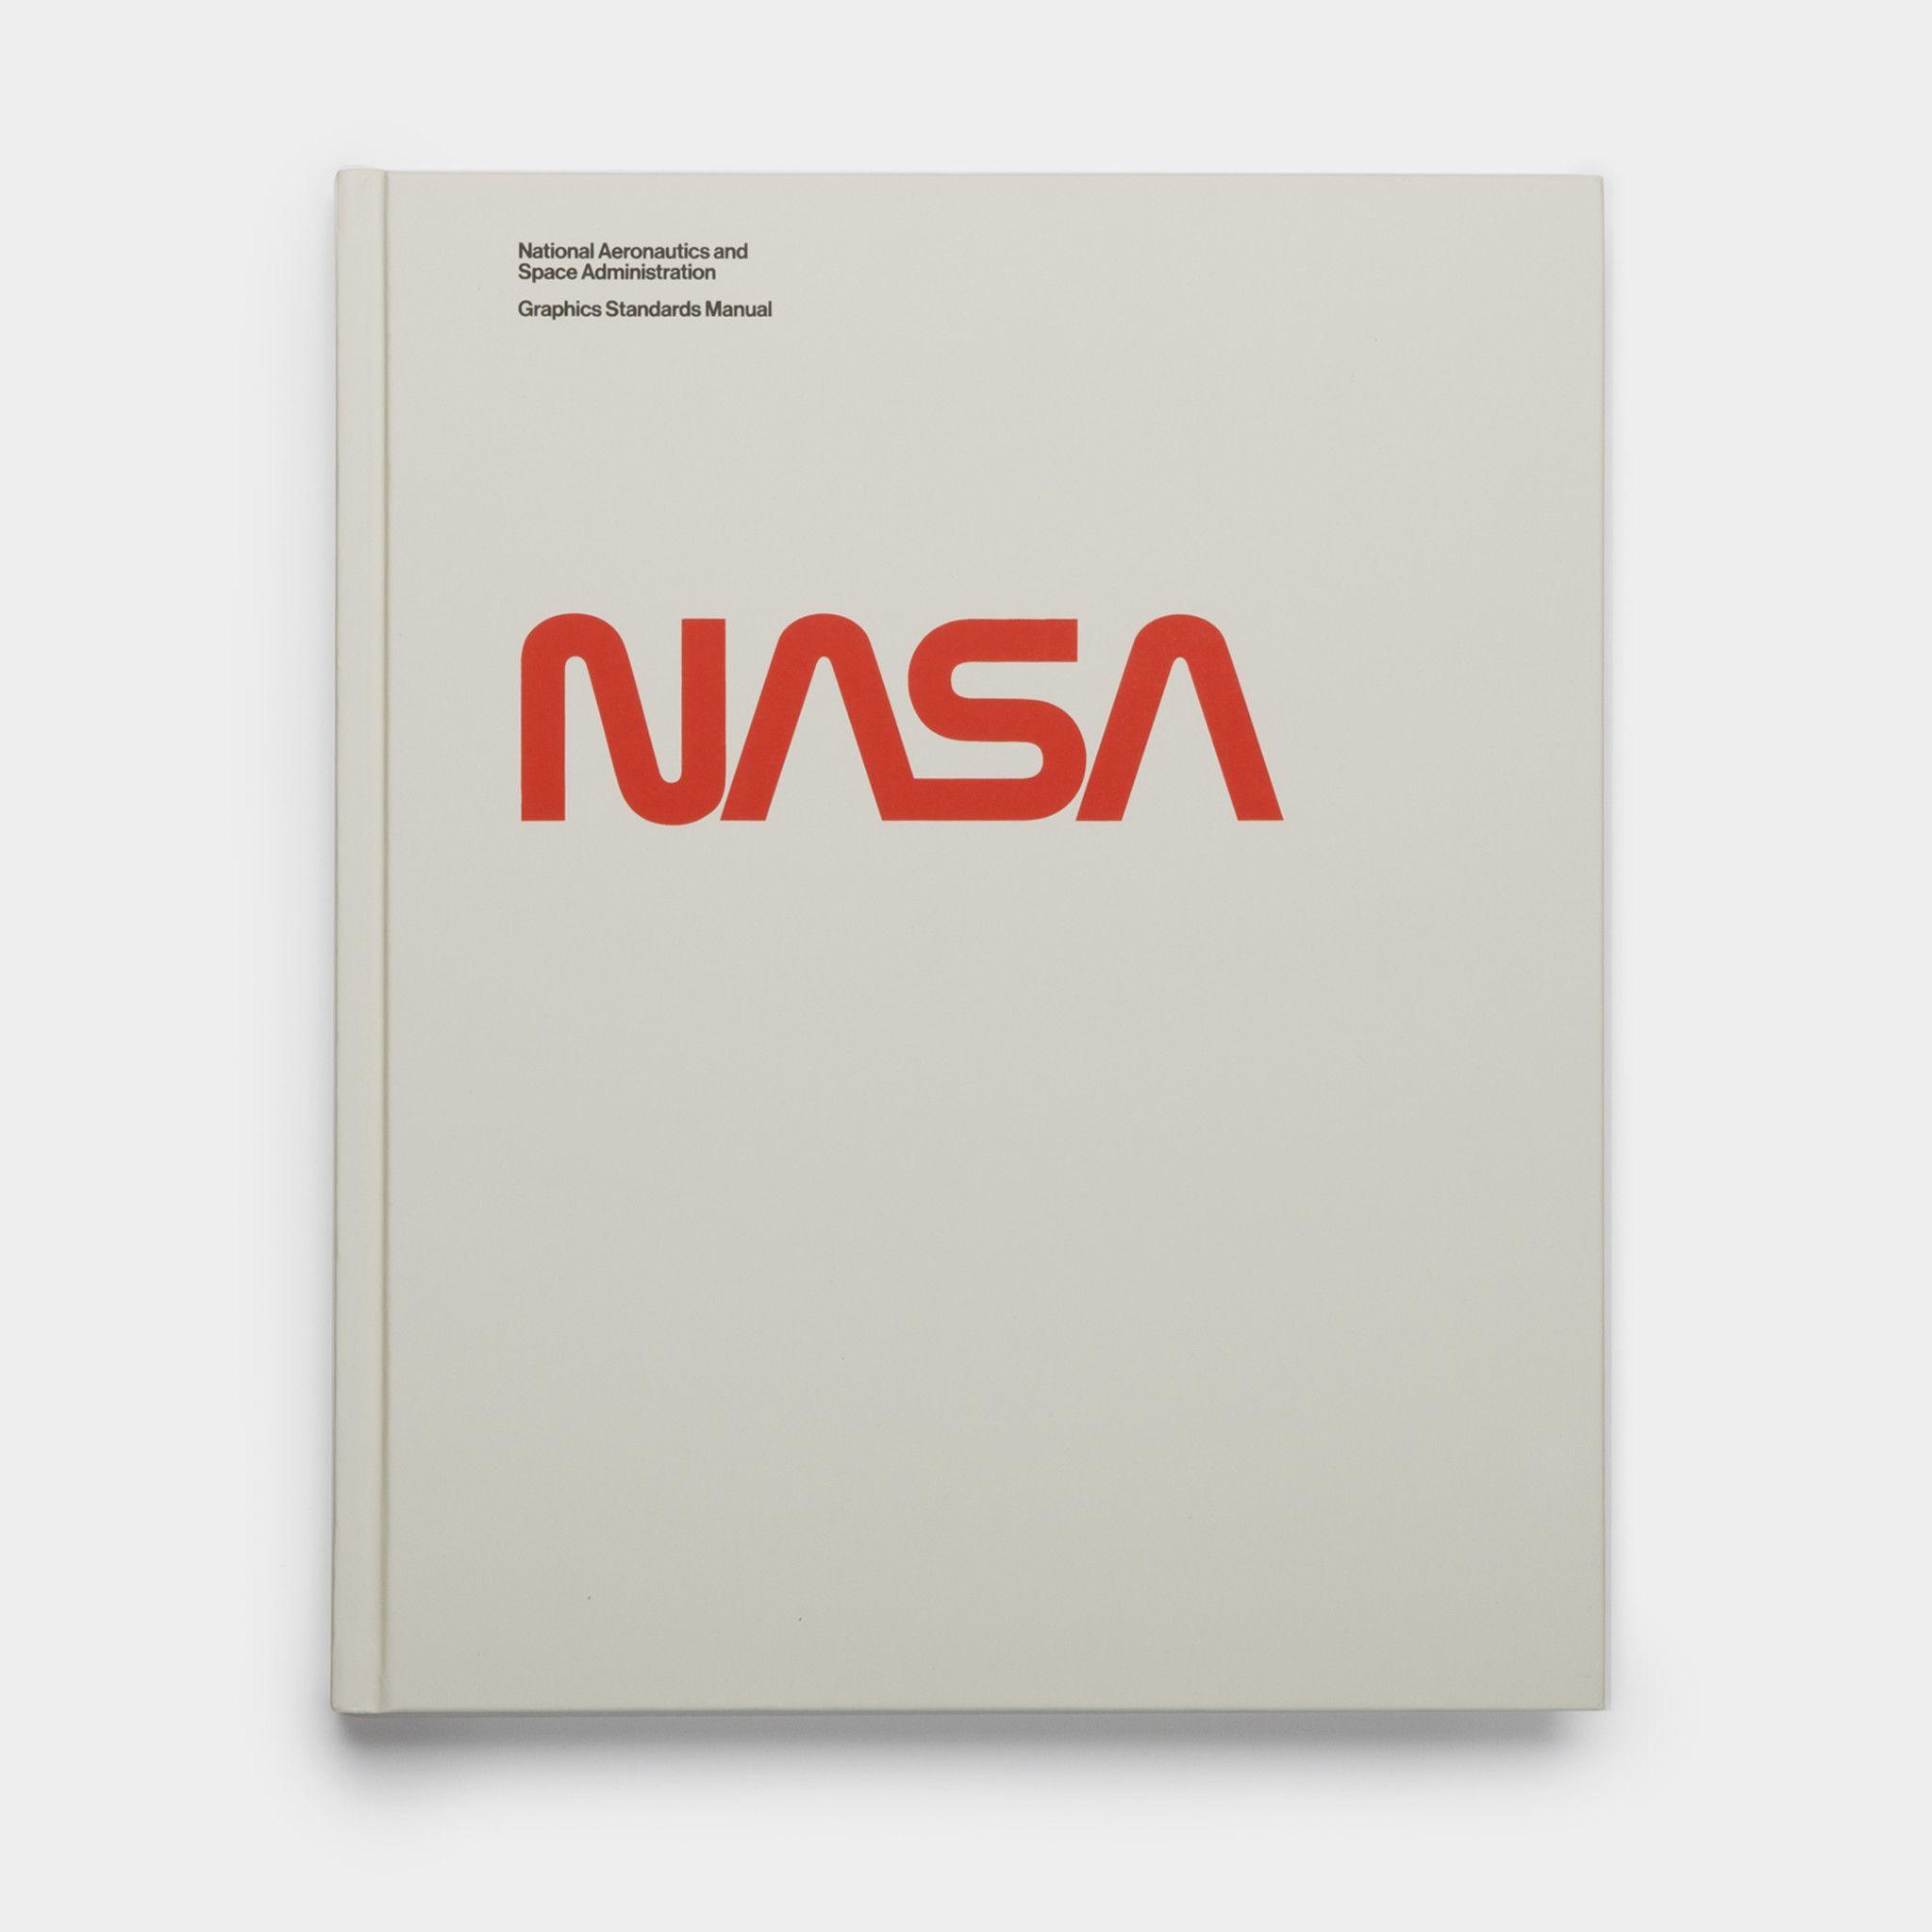 Nasa Design 5 Gw Ge3zf0 Nasa Nasa Logo Book Design